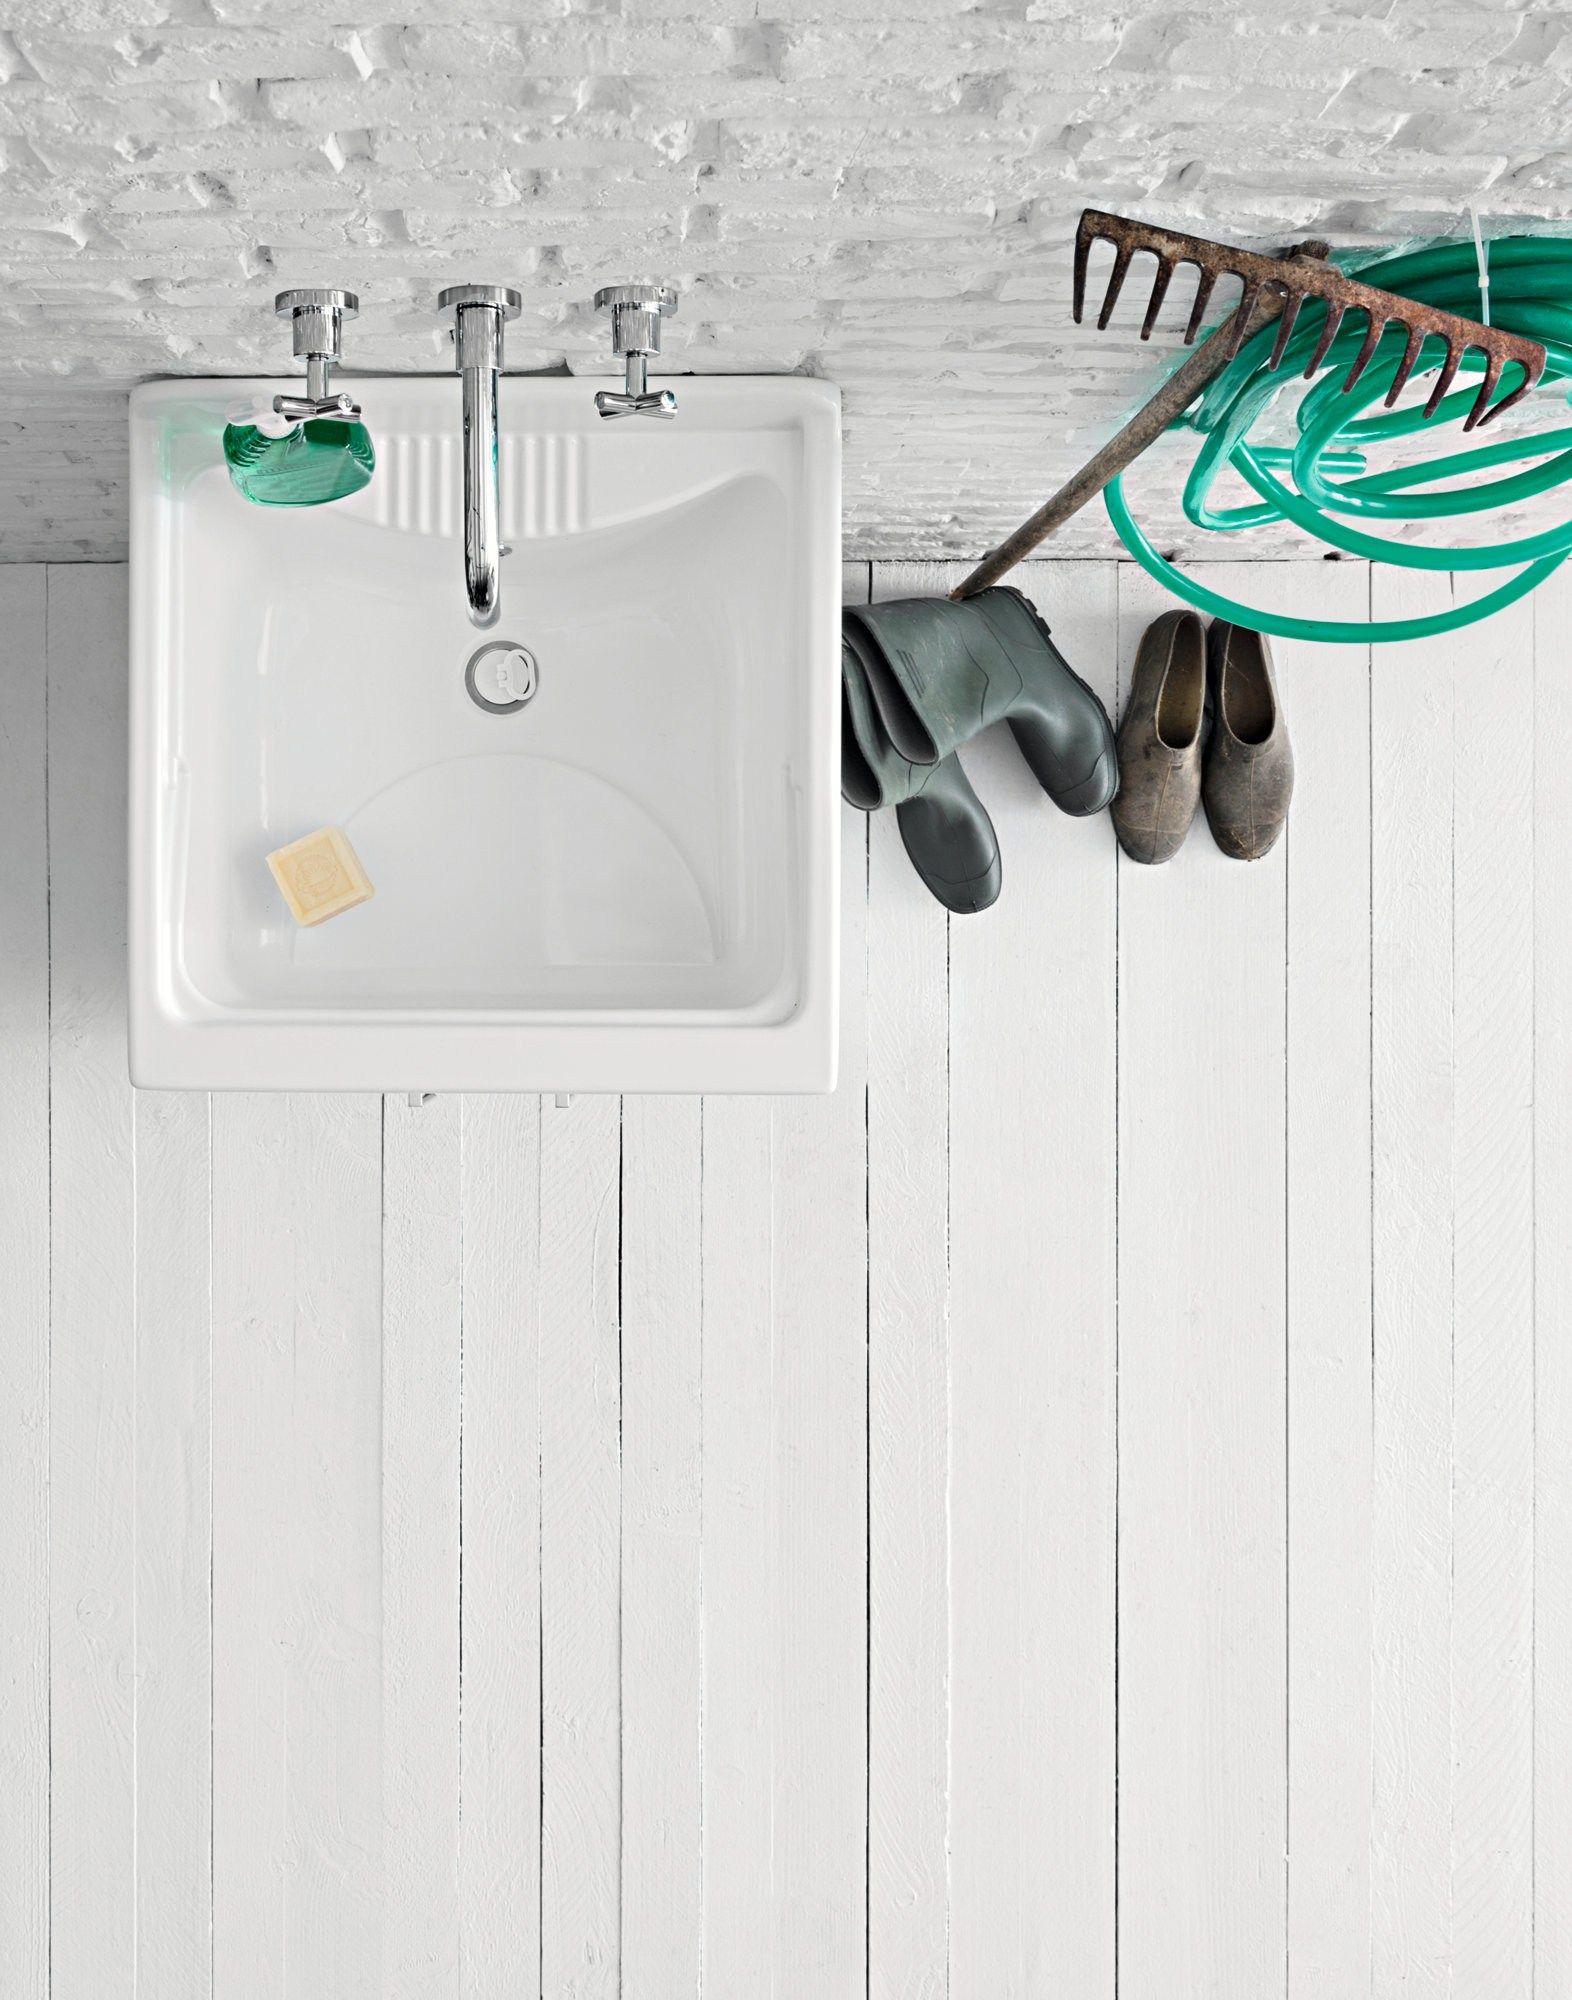 Waschmaschinenschrank Mit Waschbecken : WASCHKÜCHESCHRANK MIT INTEGRIERTEM WASCHBECKEN WASCHTISCH KOLLEKTION